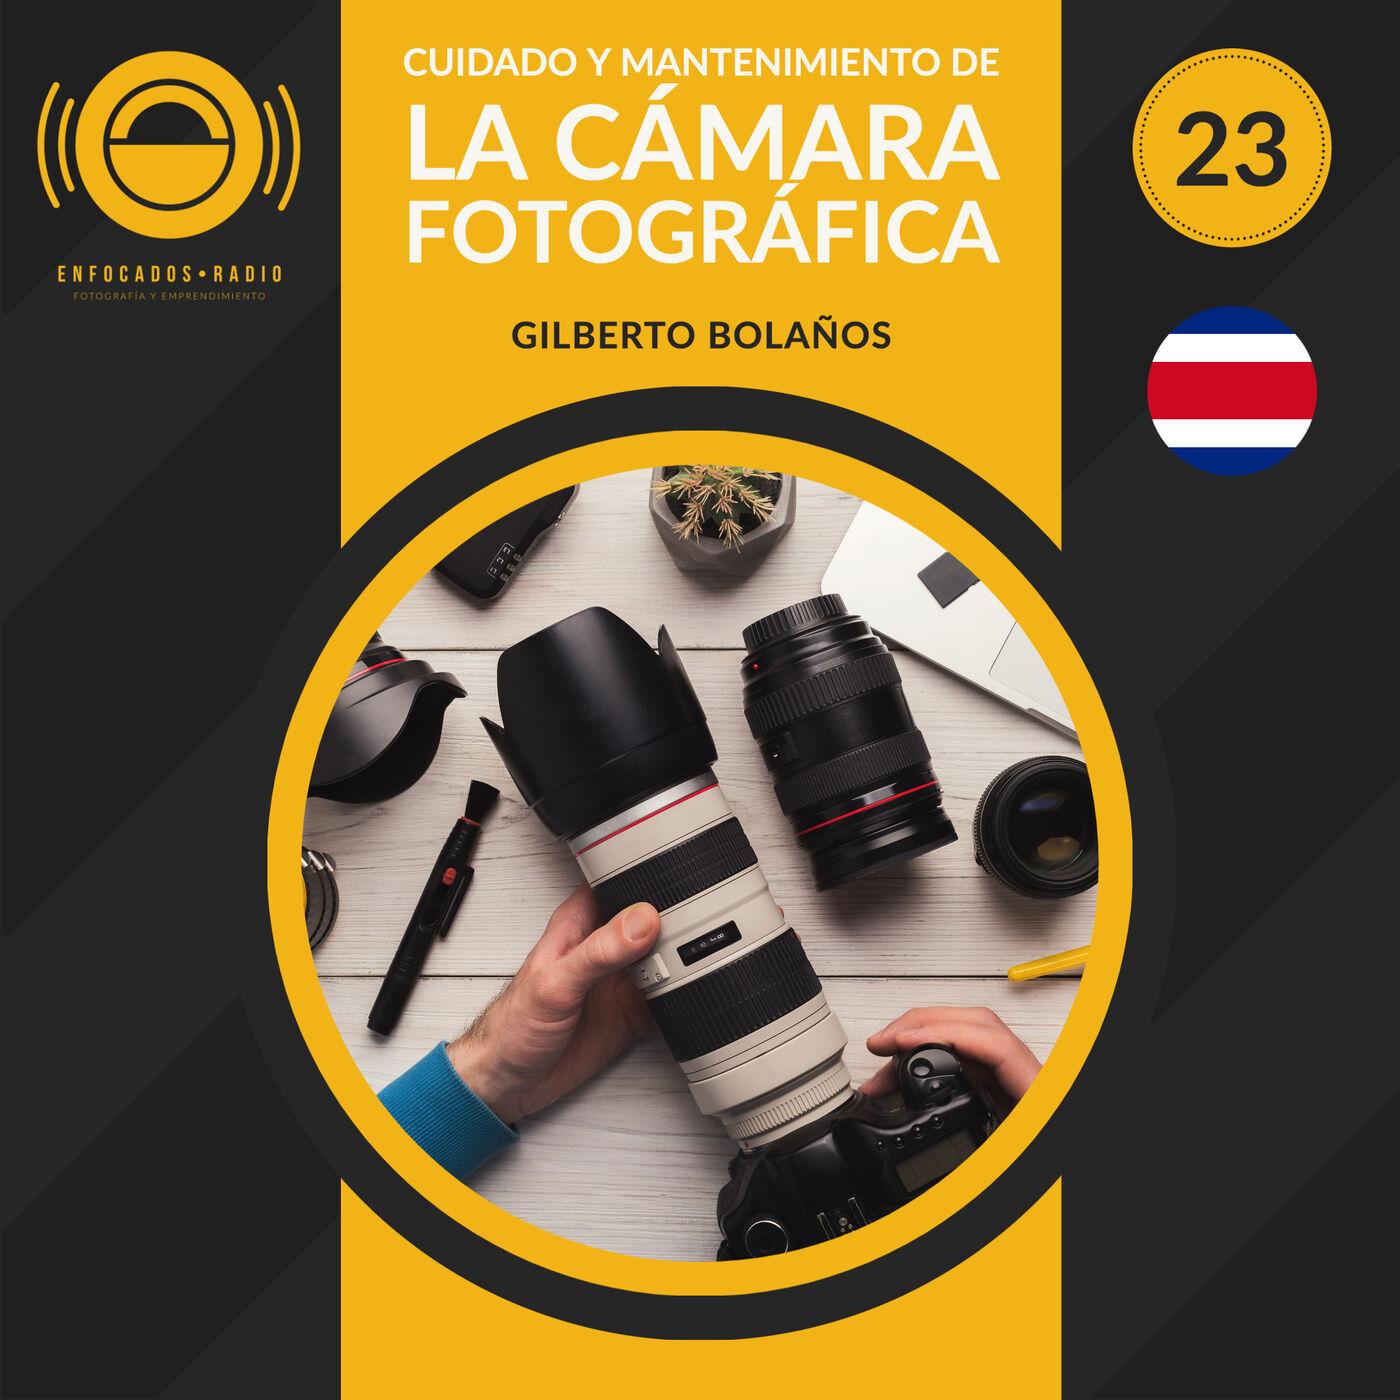 EP023: Cuidado y mantenimiento de la cámara fotográfica